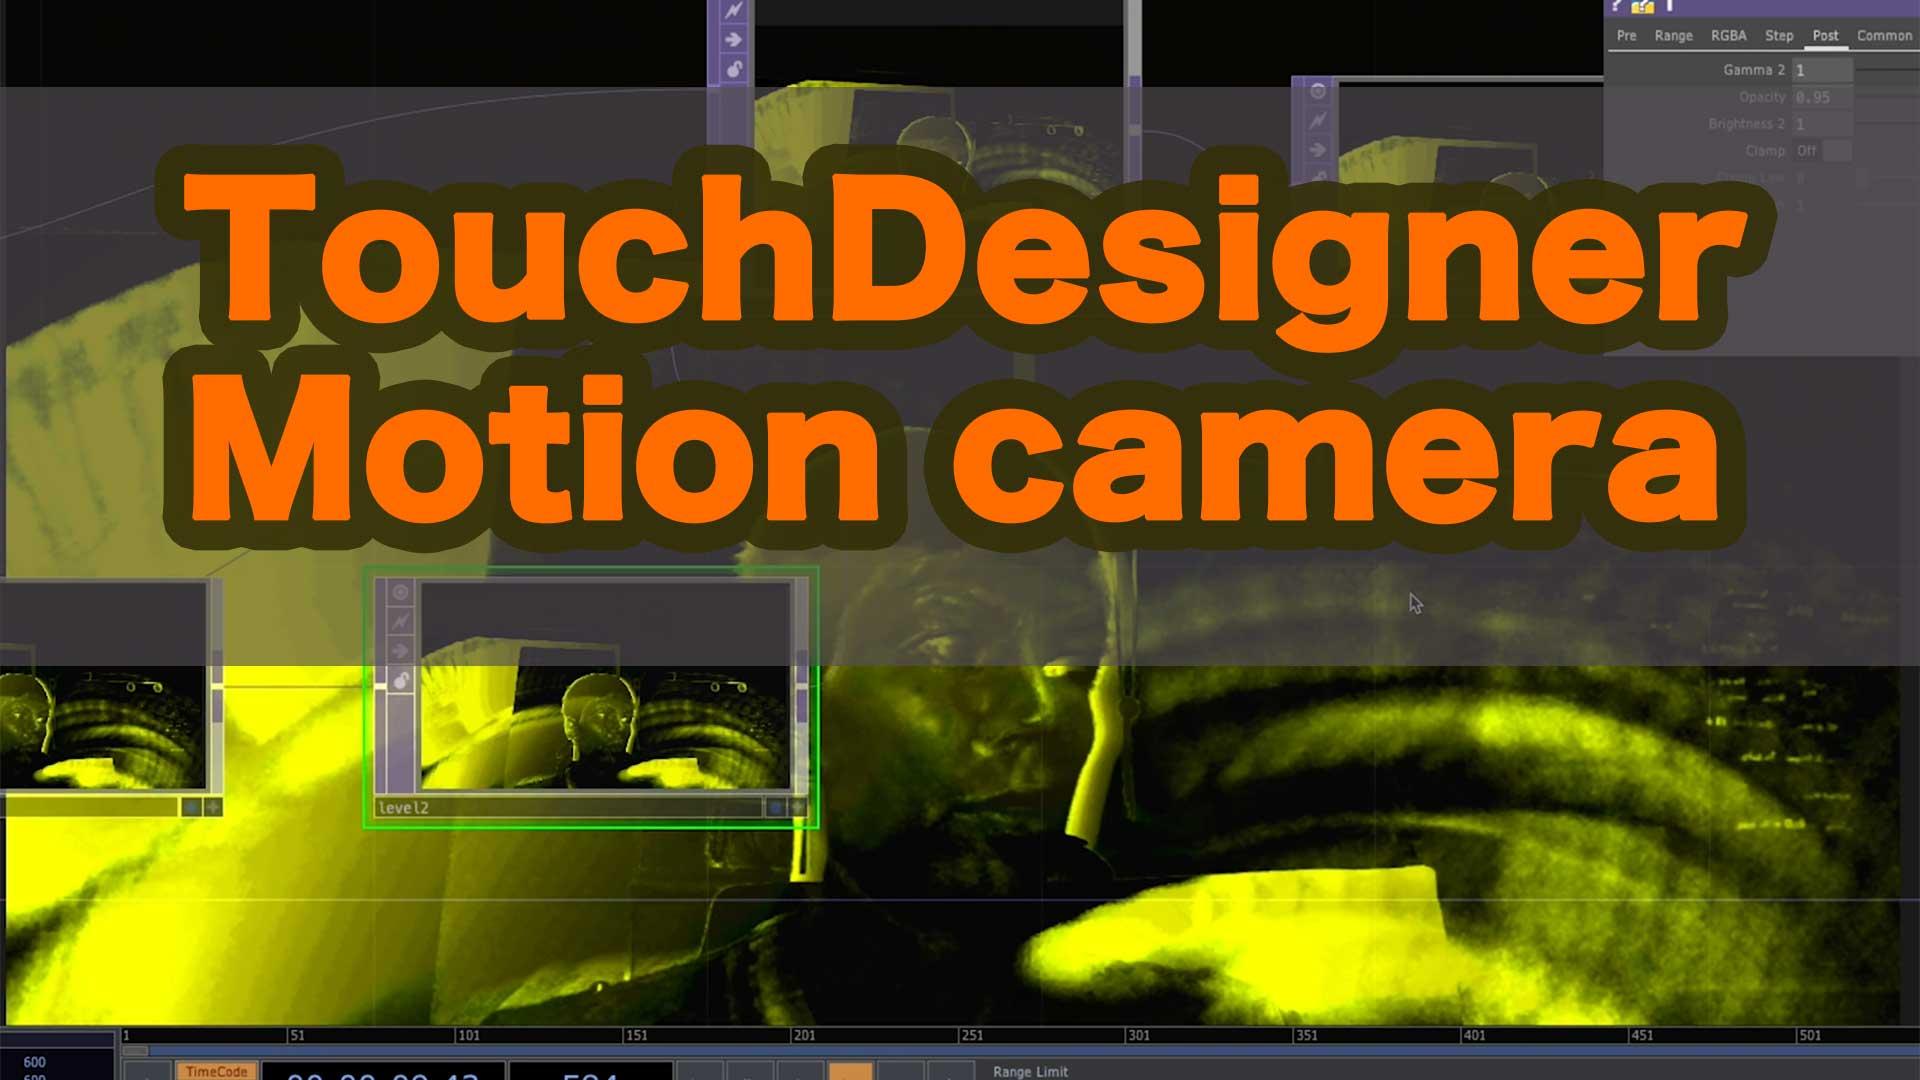 Touchdesigner WEBカメラ